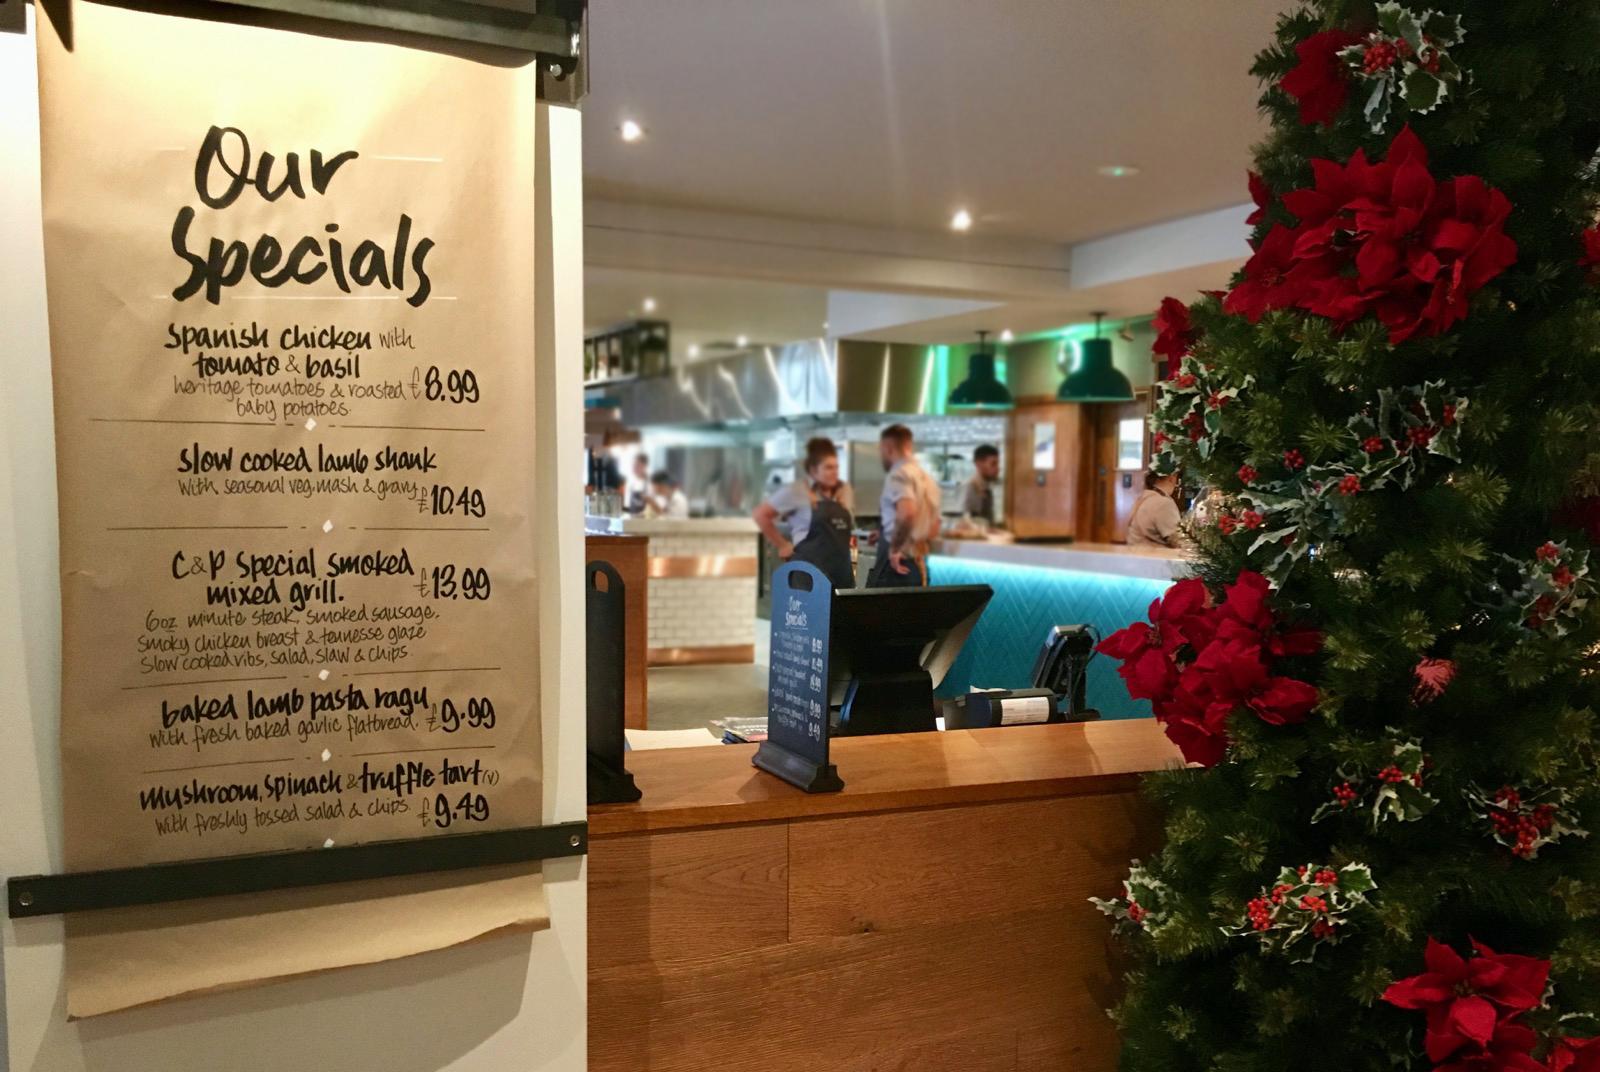 Oldbury Cookhouse and Pub Specials Menu